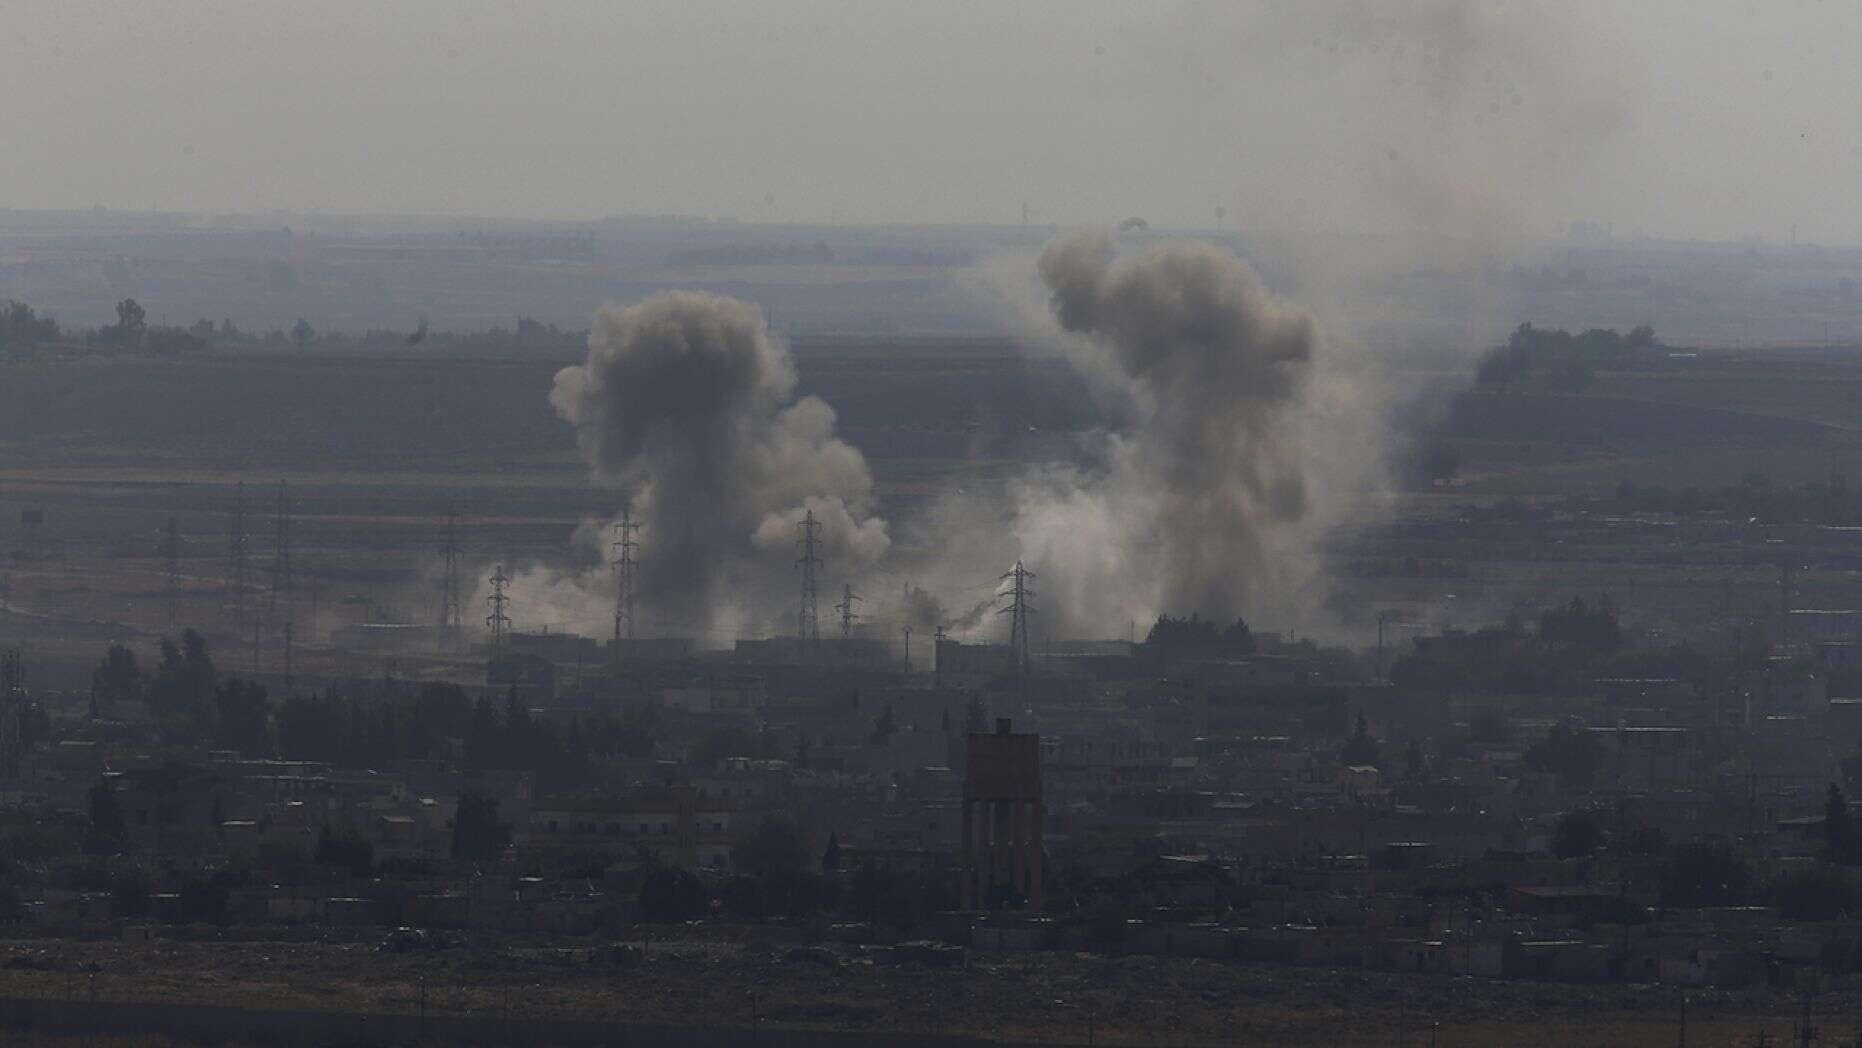 L'armée russe patrouille à la frontière entre la Syrie et la Turquie alors que les troupes américaines se retirent officiellement